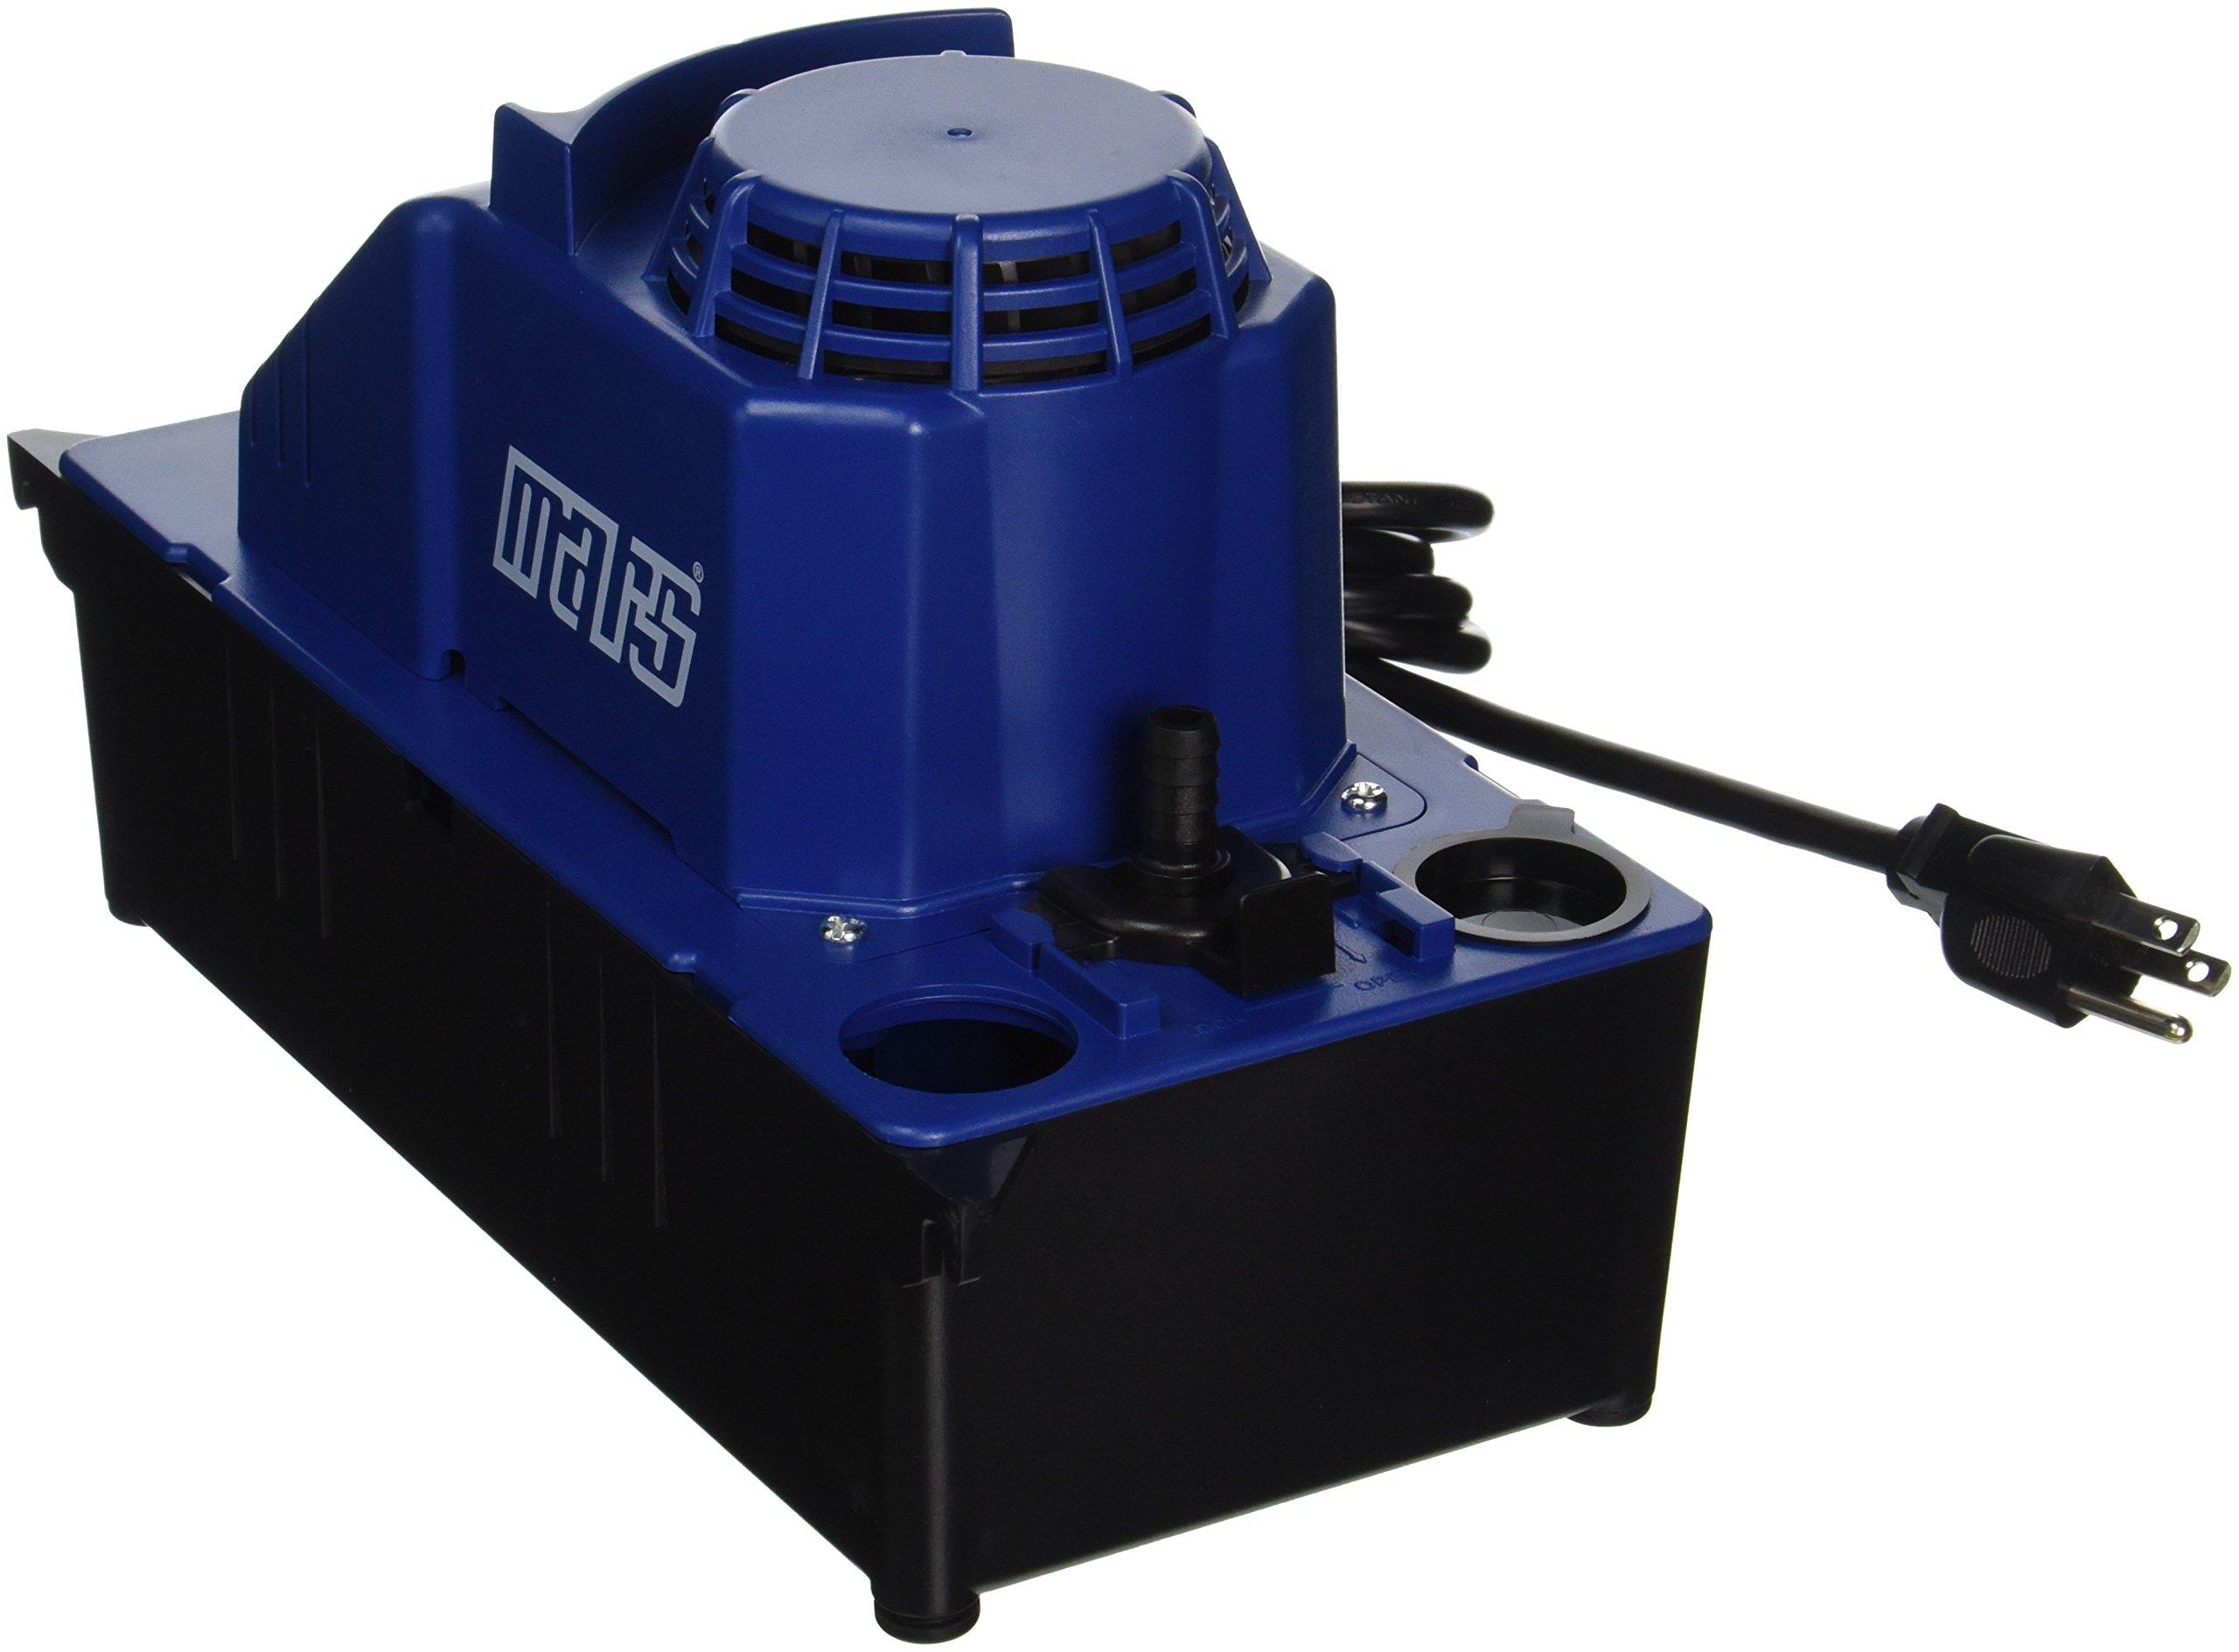 Mars 21780 115-volt Lift Condensate Pump, 24-Feet